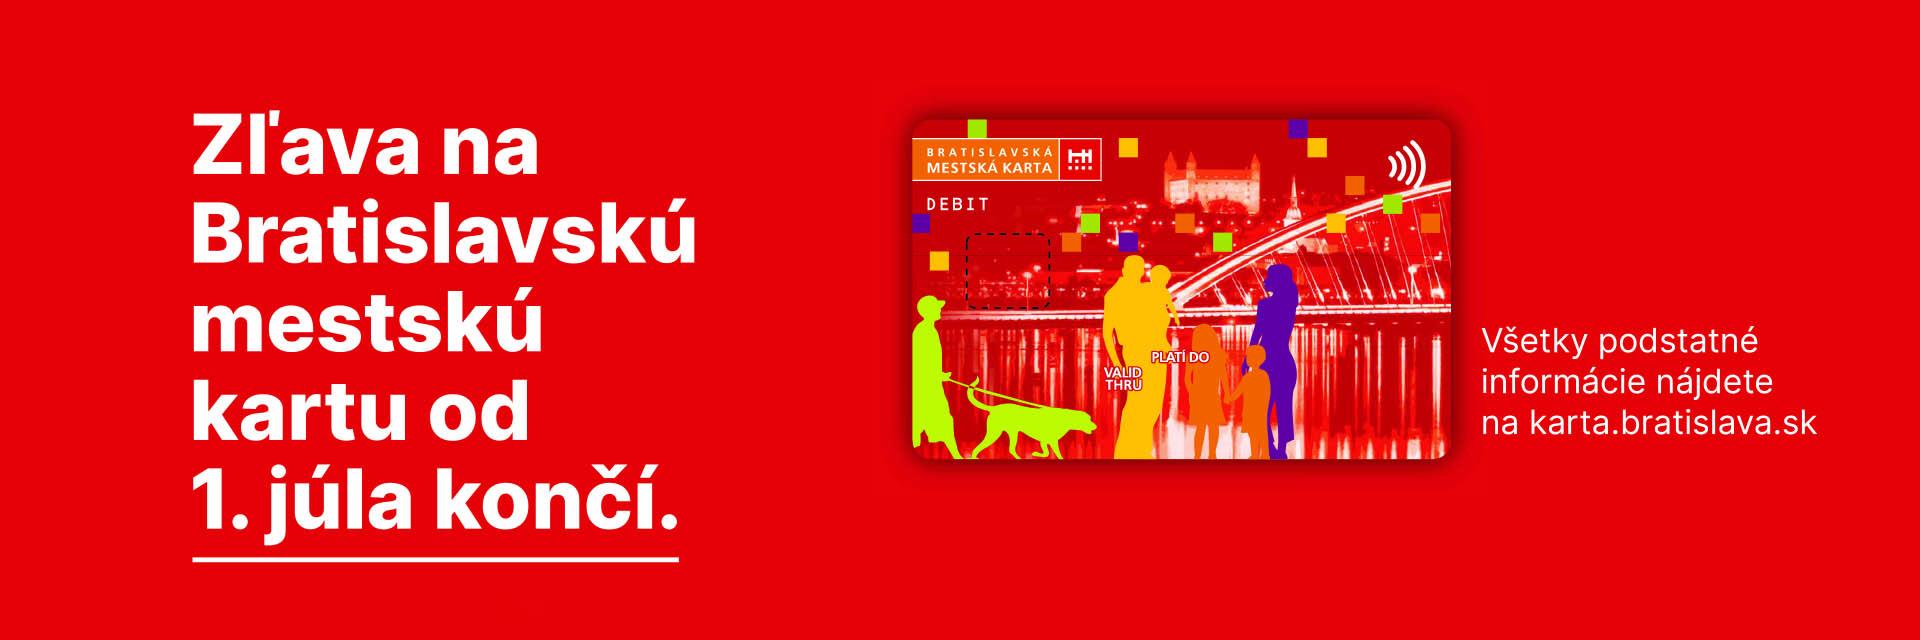 Bratislavská mestská karta končí platnosť